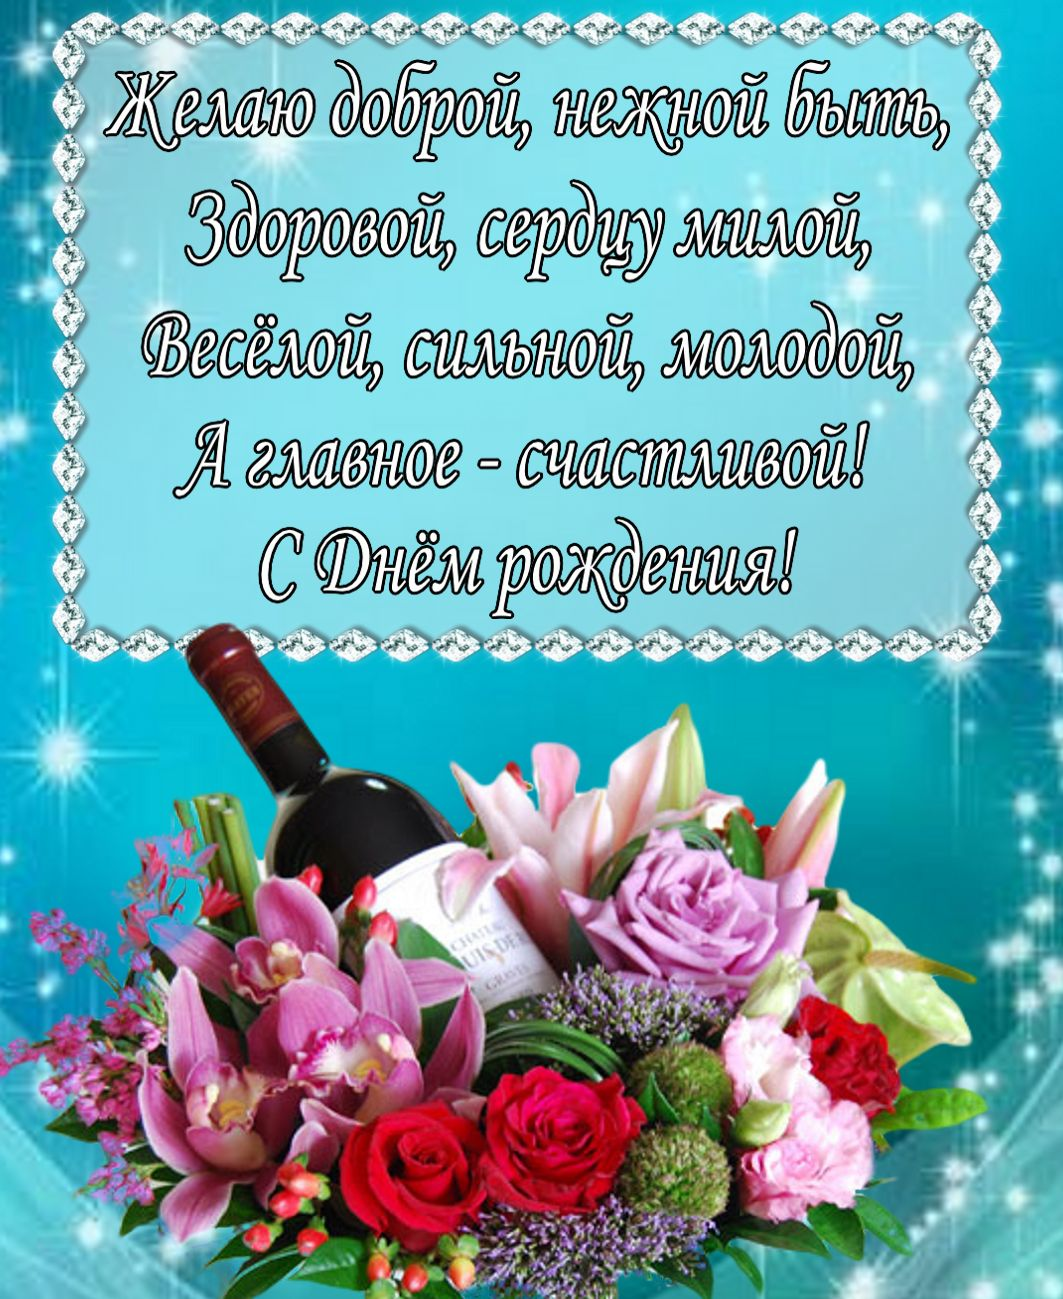 открытка для девушки - пожелание на красивом фоне с корзиной цветов